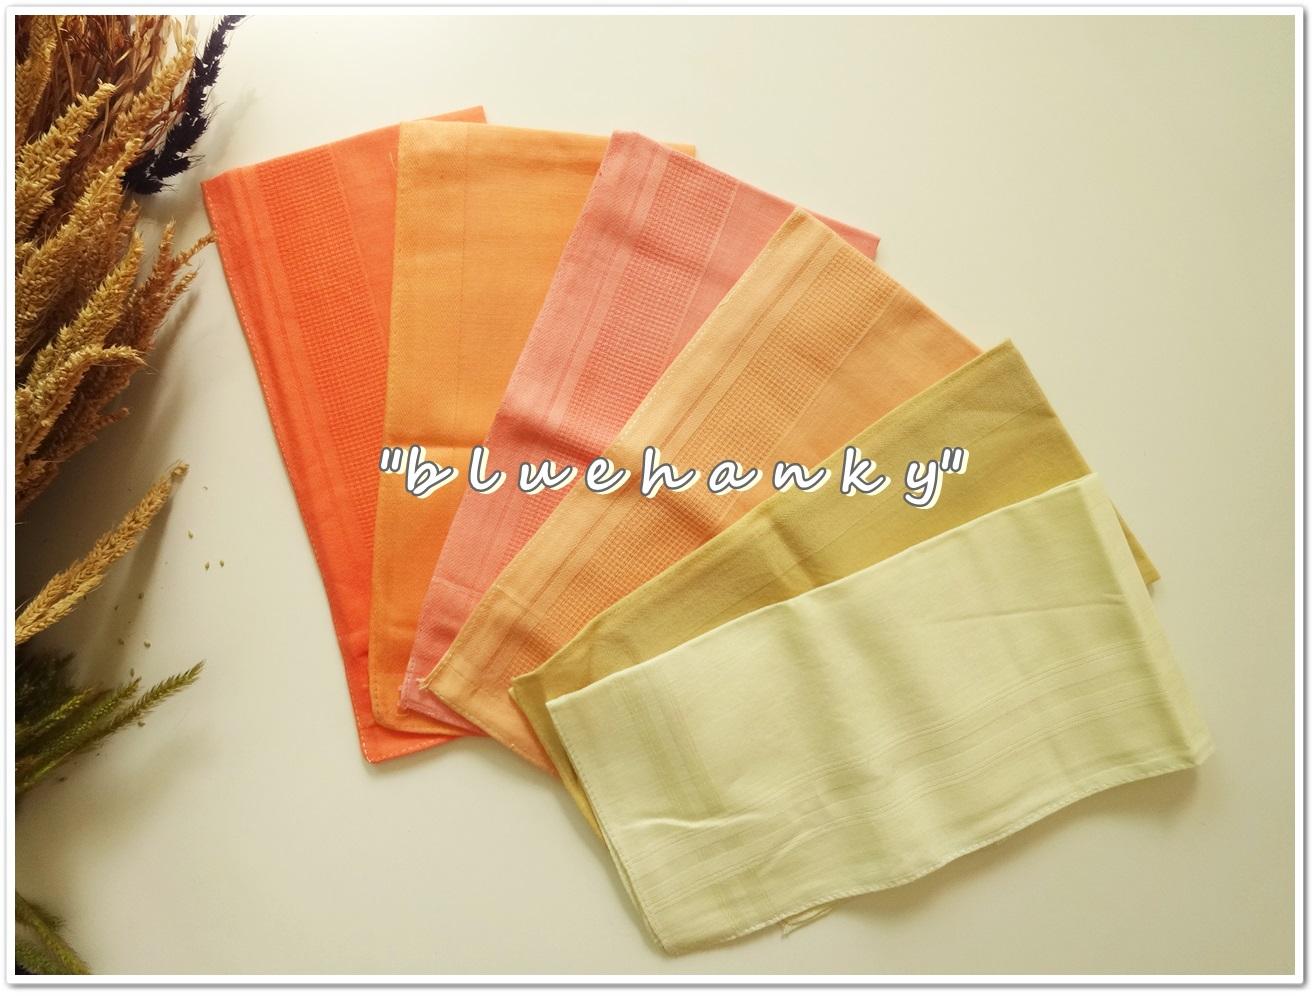 ผ้าเช็ดหน้าสีพื้นโทนสีเหลืองส้มเหลือง 6 ผืน